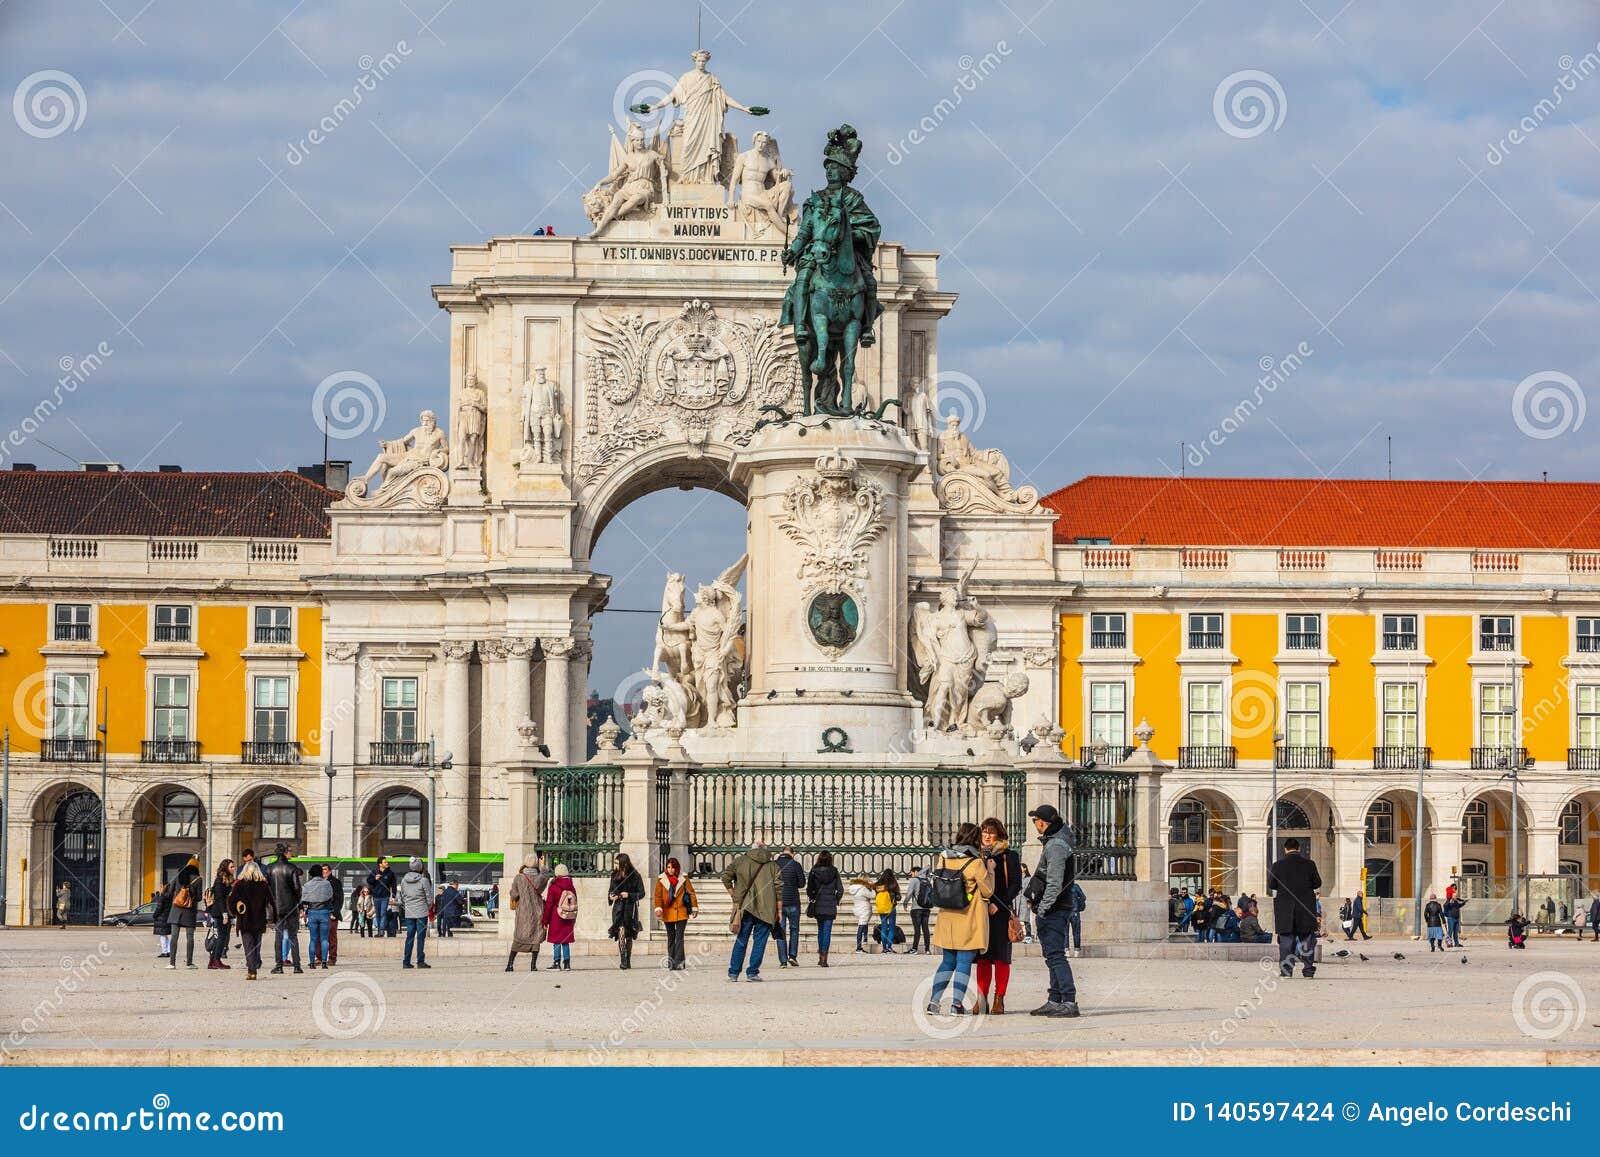 Ruaaugusta triomfantelijk Boog en Standbeeld van Koning José I in het historische centrum van de stad van Lissabon in Portugal